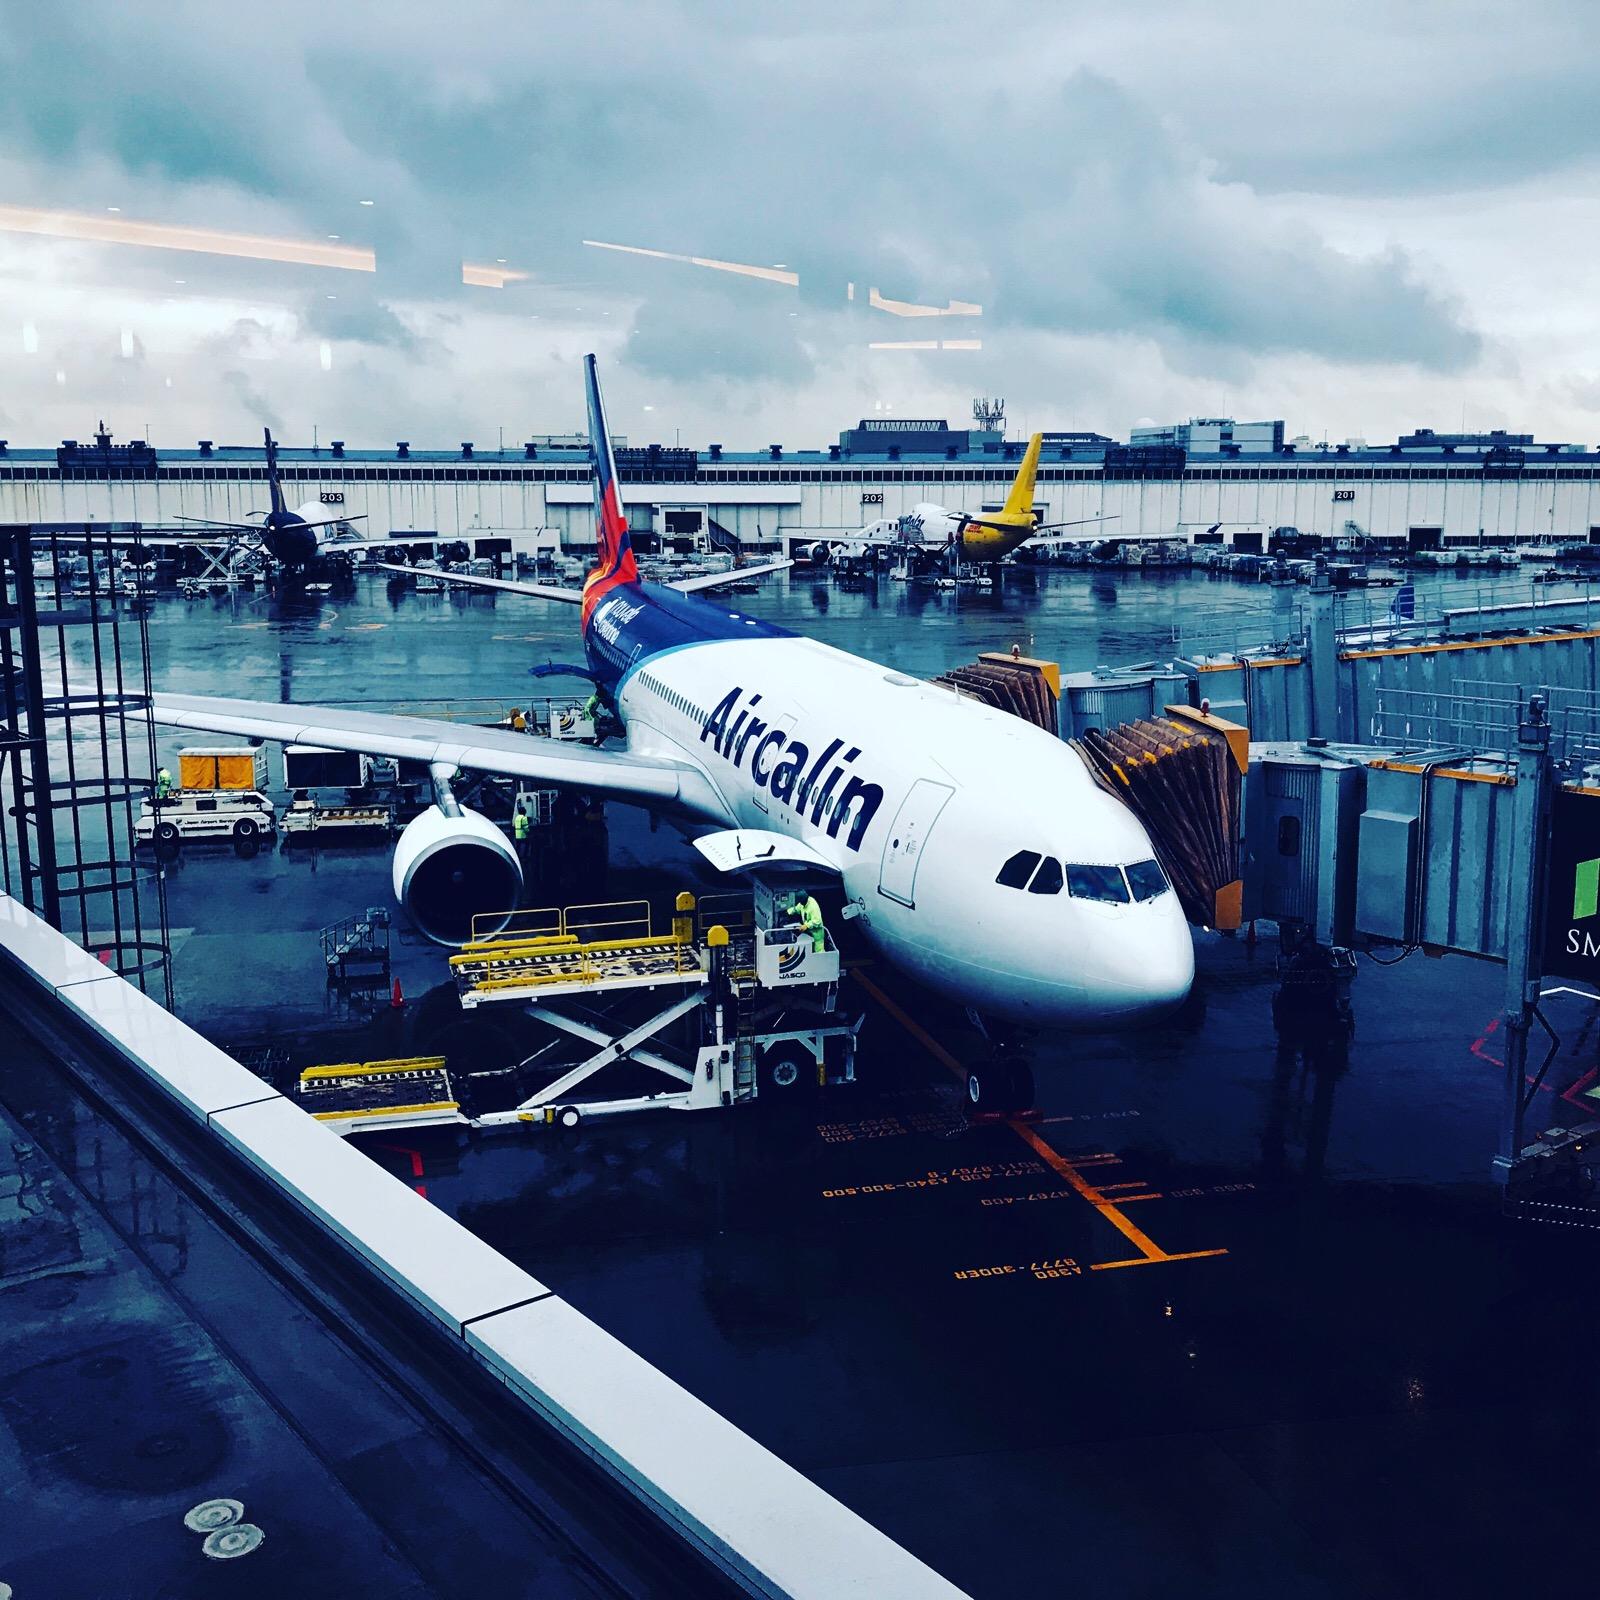 エアカラン ニューカレドニアへの航空会社 快適!